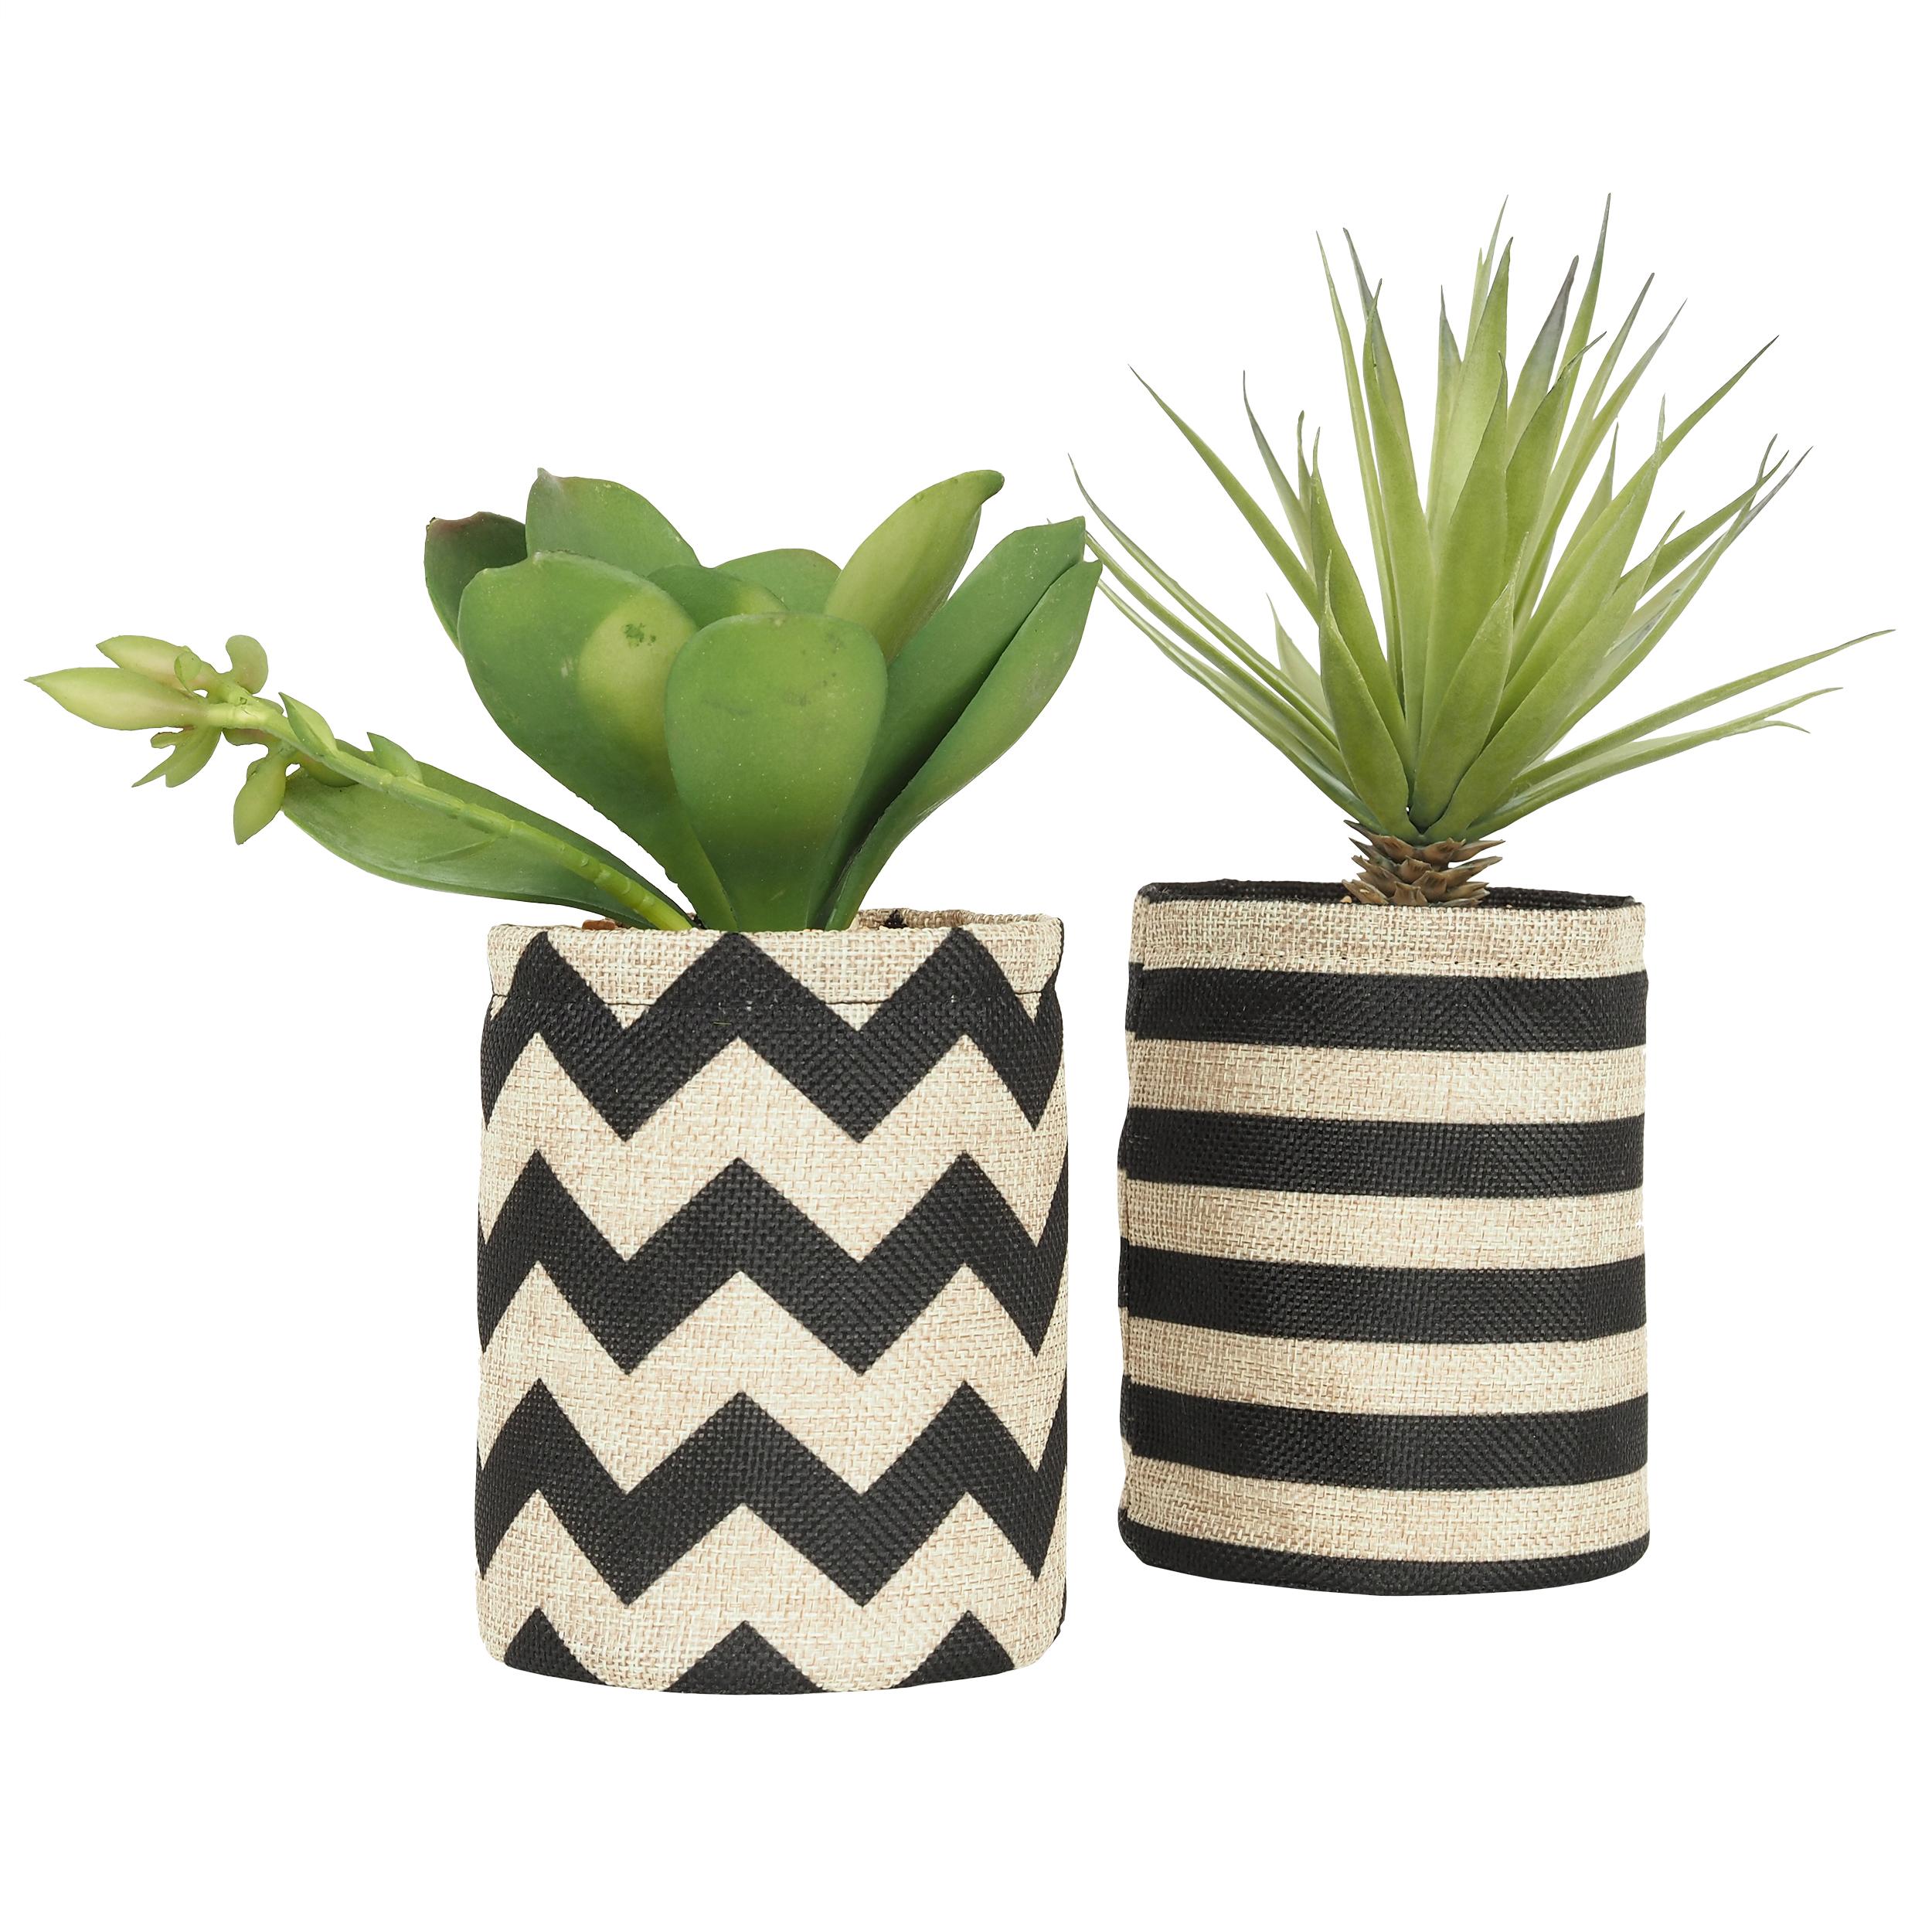 2 Succulentes artificielles toile de jute 26 cm